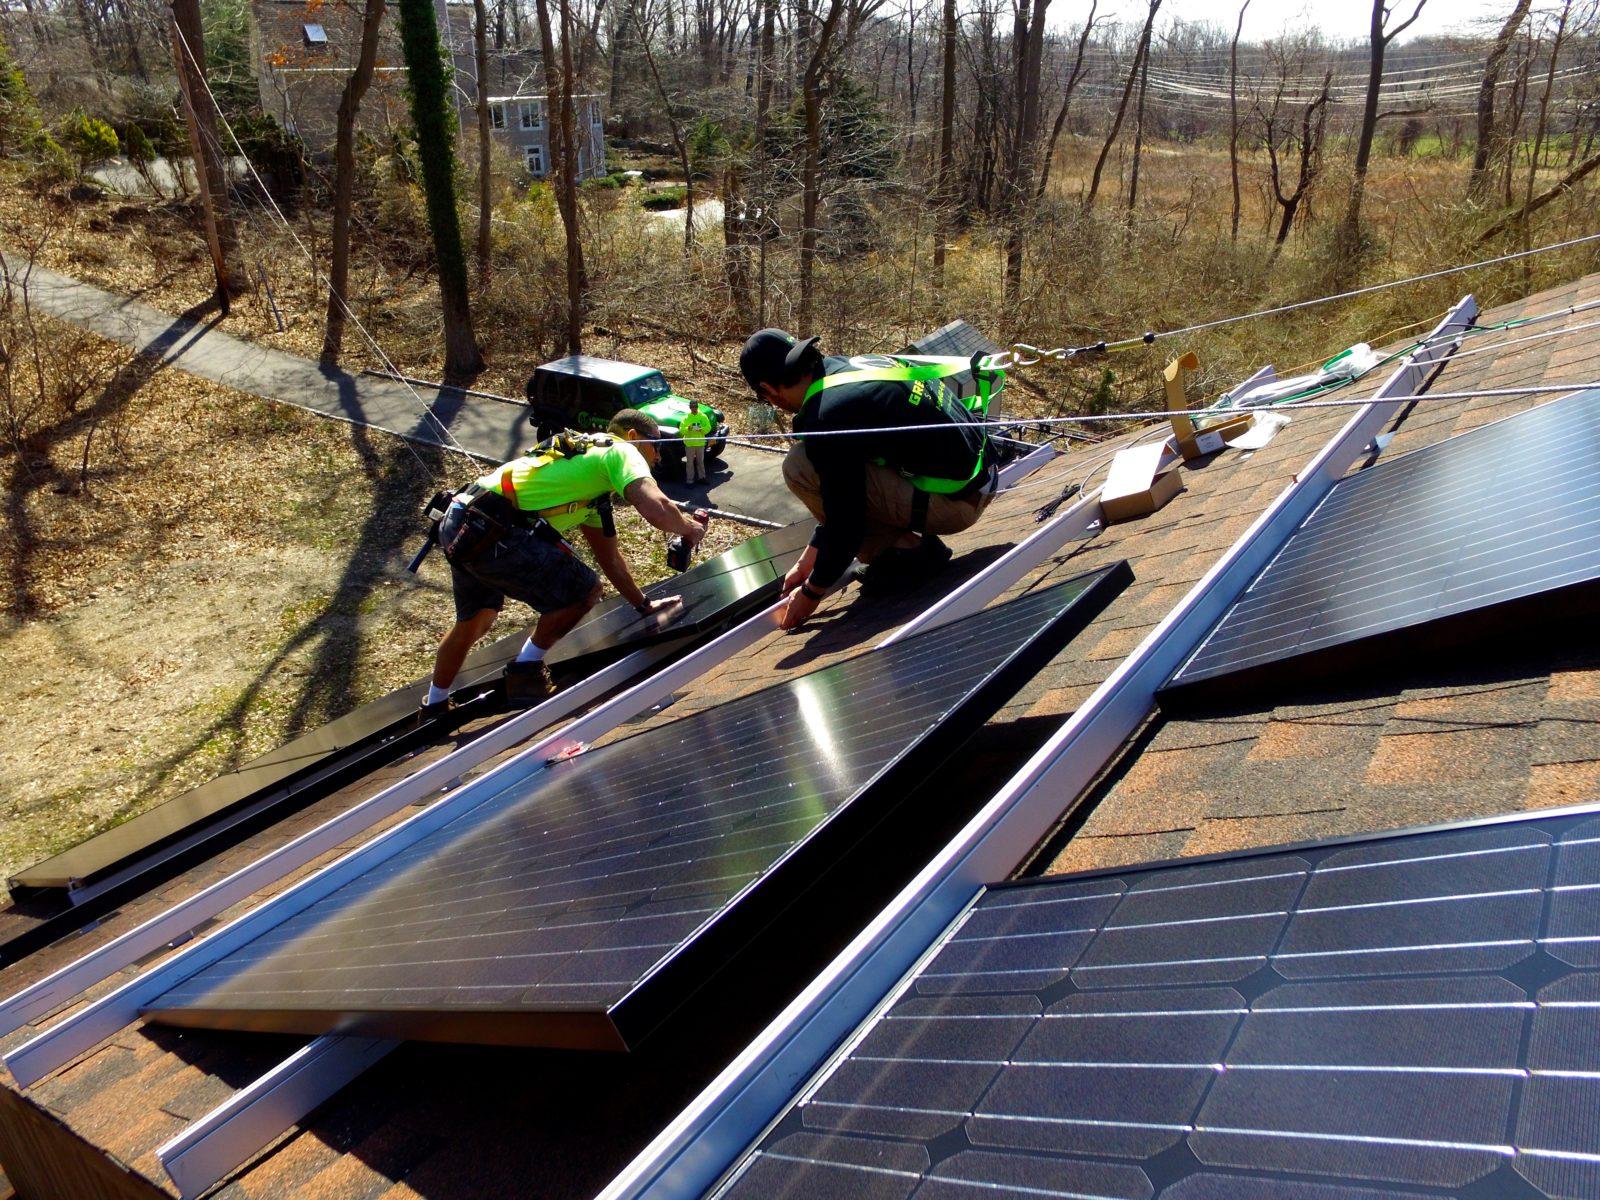 Solar Panel Installation in Manhasset by GreenLeaf Solar